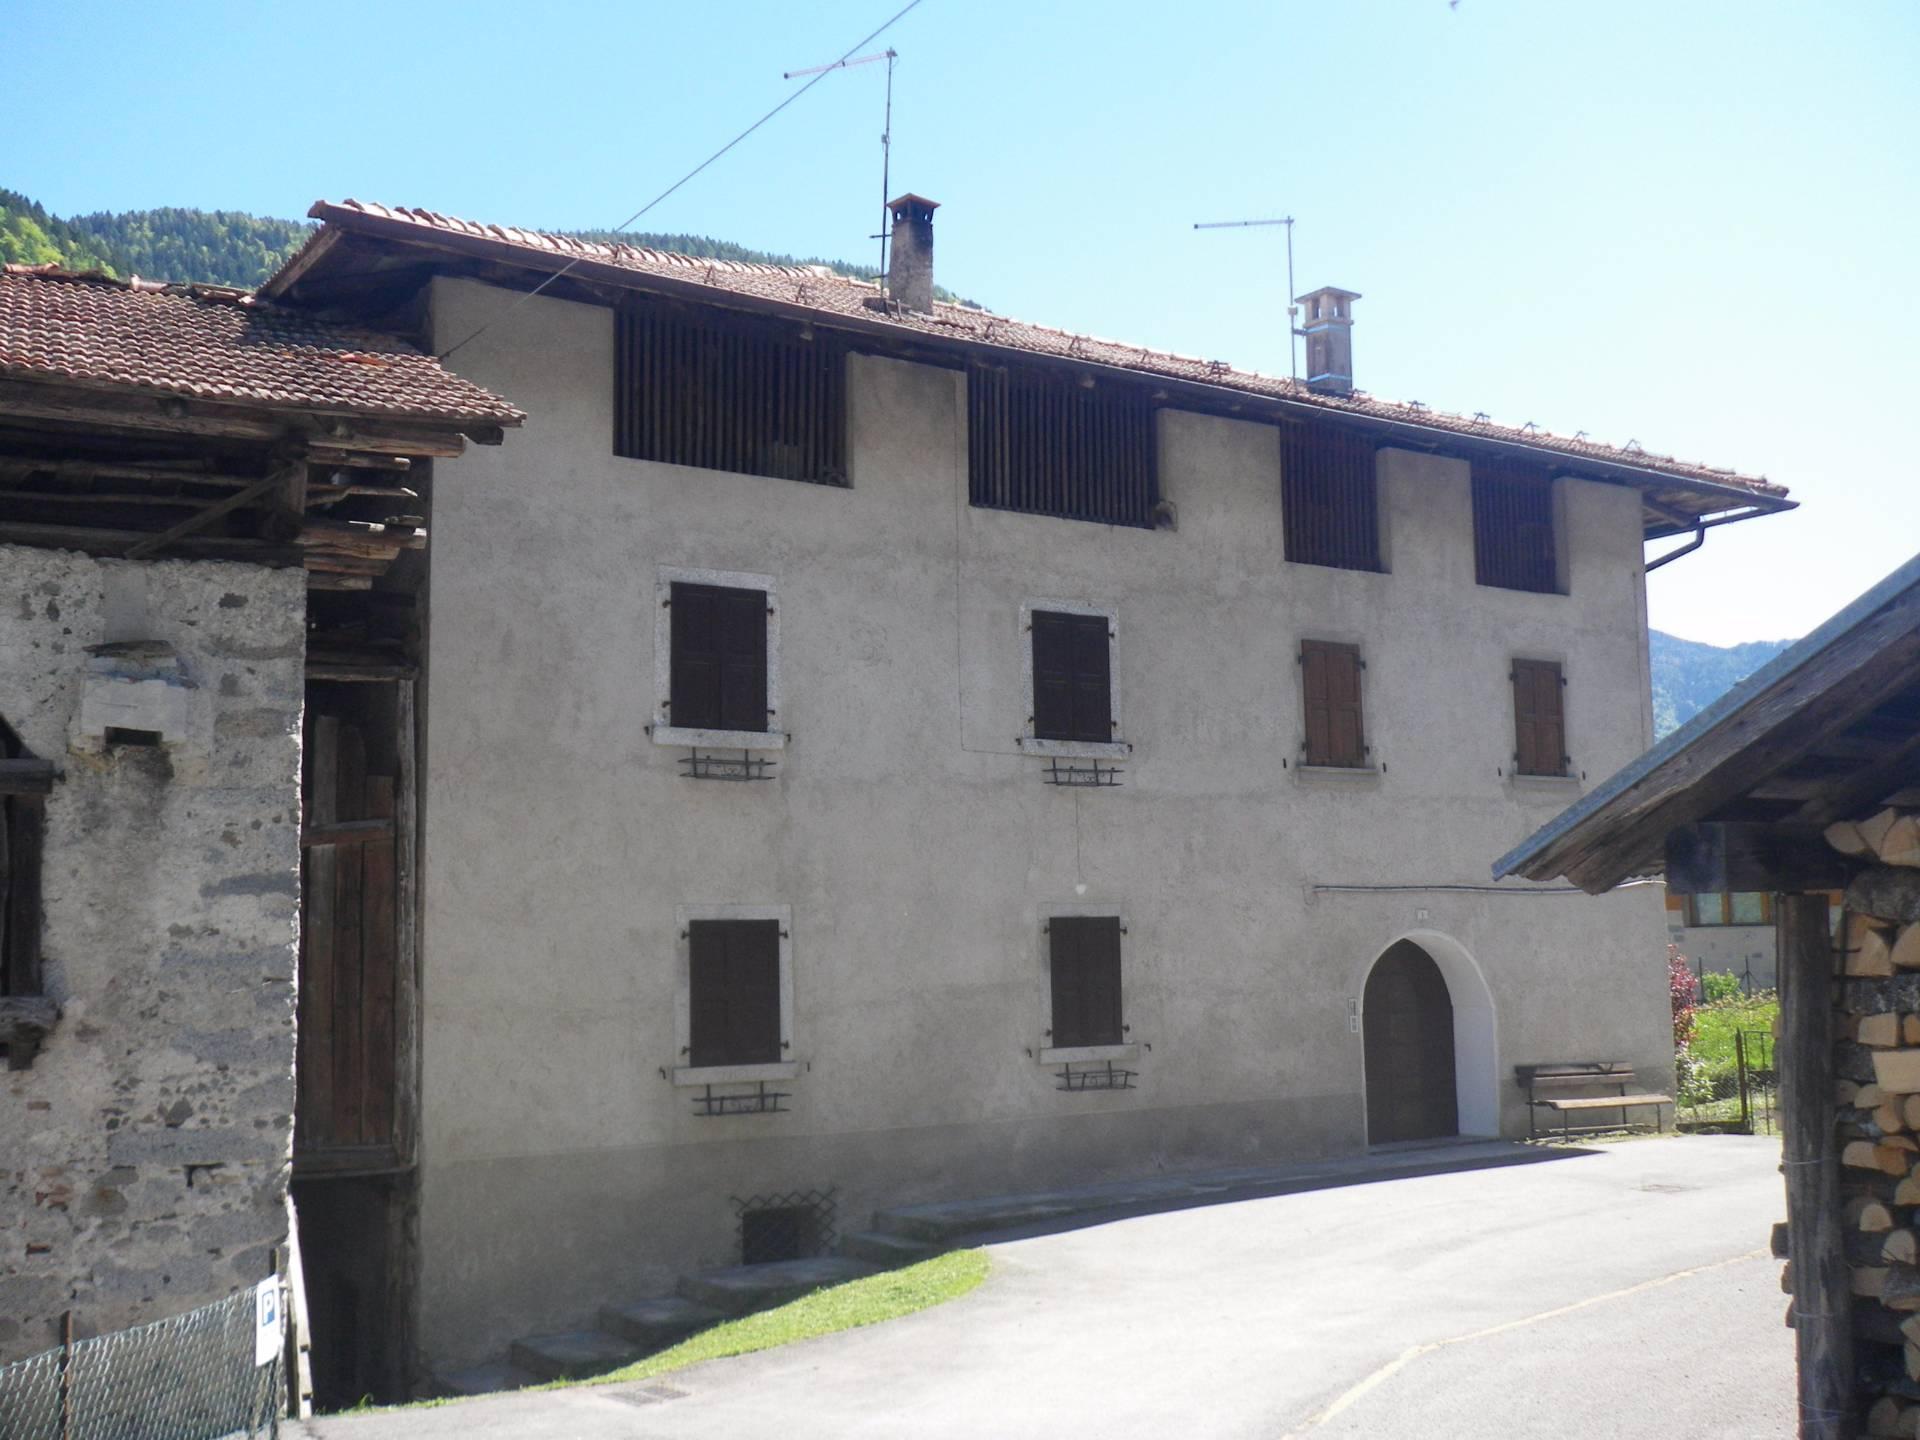 Appartamento in affitto a Villa Rendena, 4 locali, zona Zona: Verdesìna, prezzo € 400 | CambioCasa.it